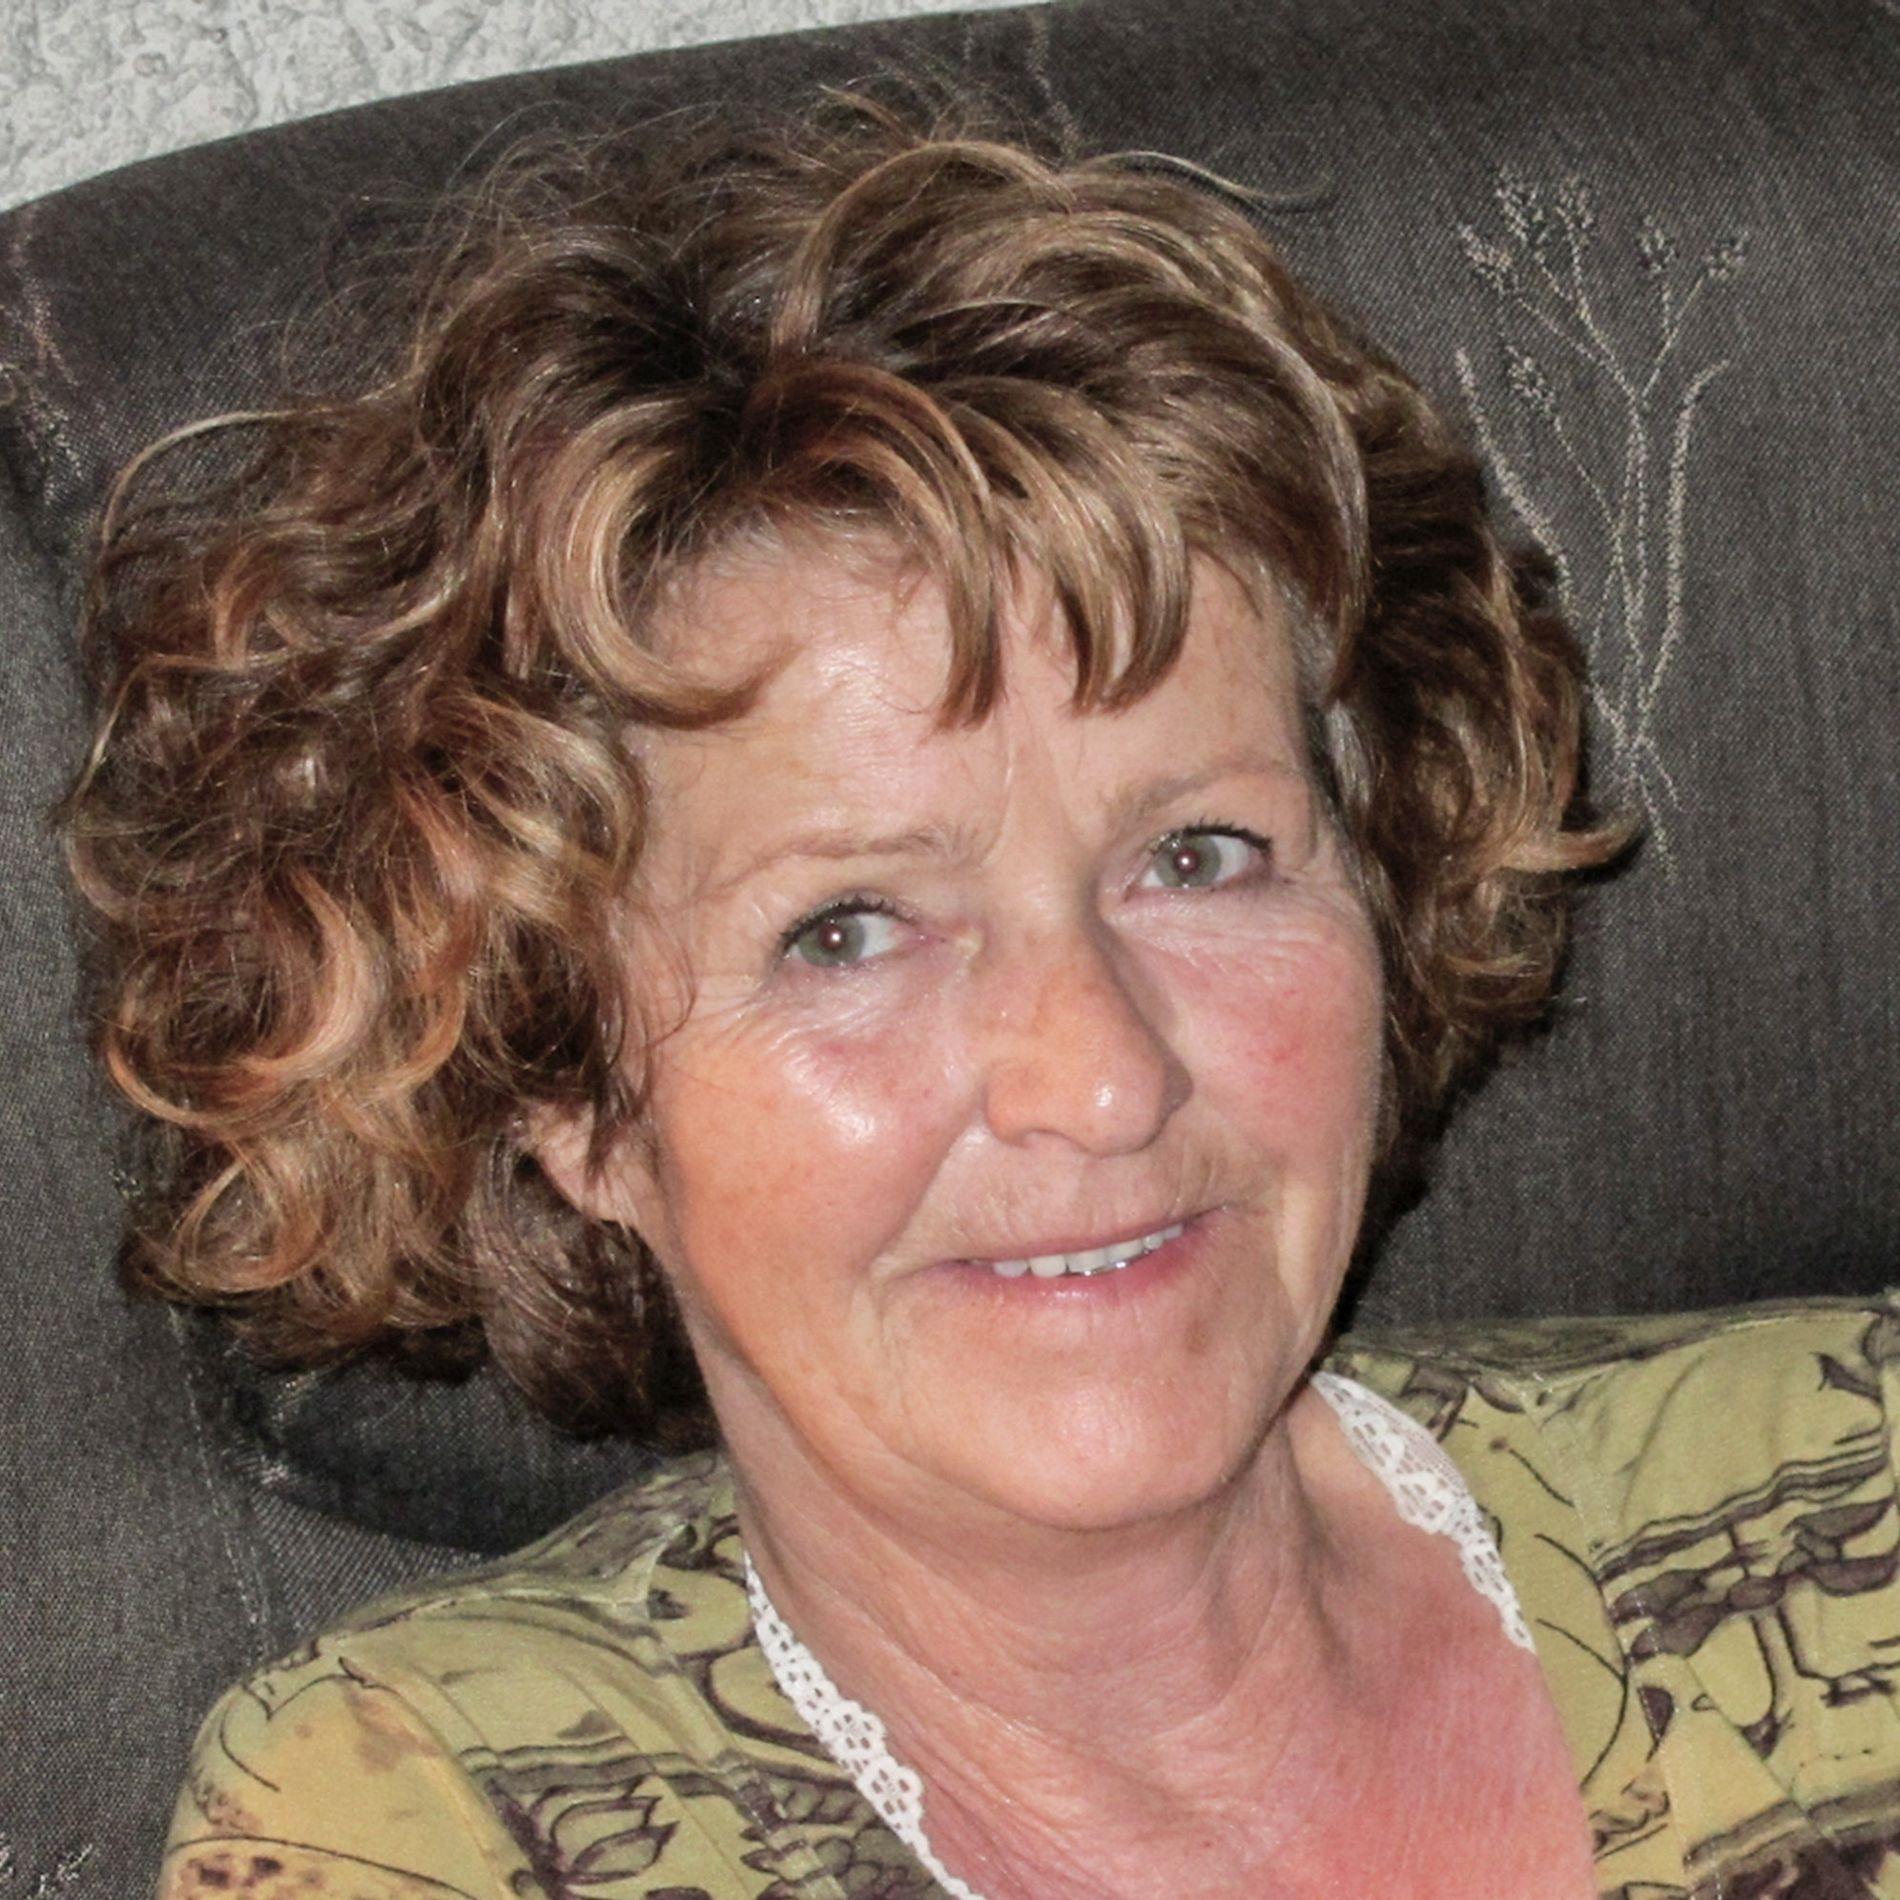 KAN VÆRE DREPT: Torsdag opplyste politiet på en pressekonferanse at deres hovedhypotese er at Anne-Elisabeth Hagen er drept.